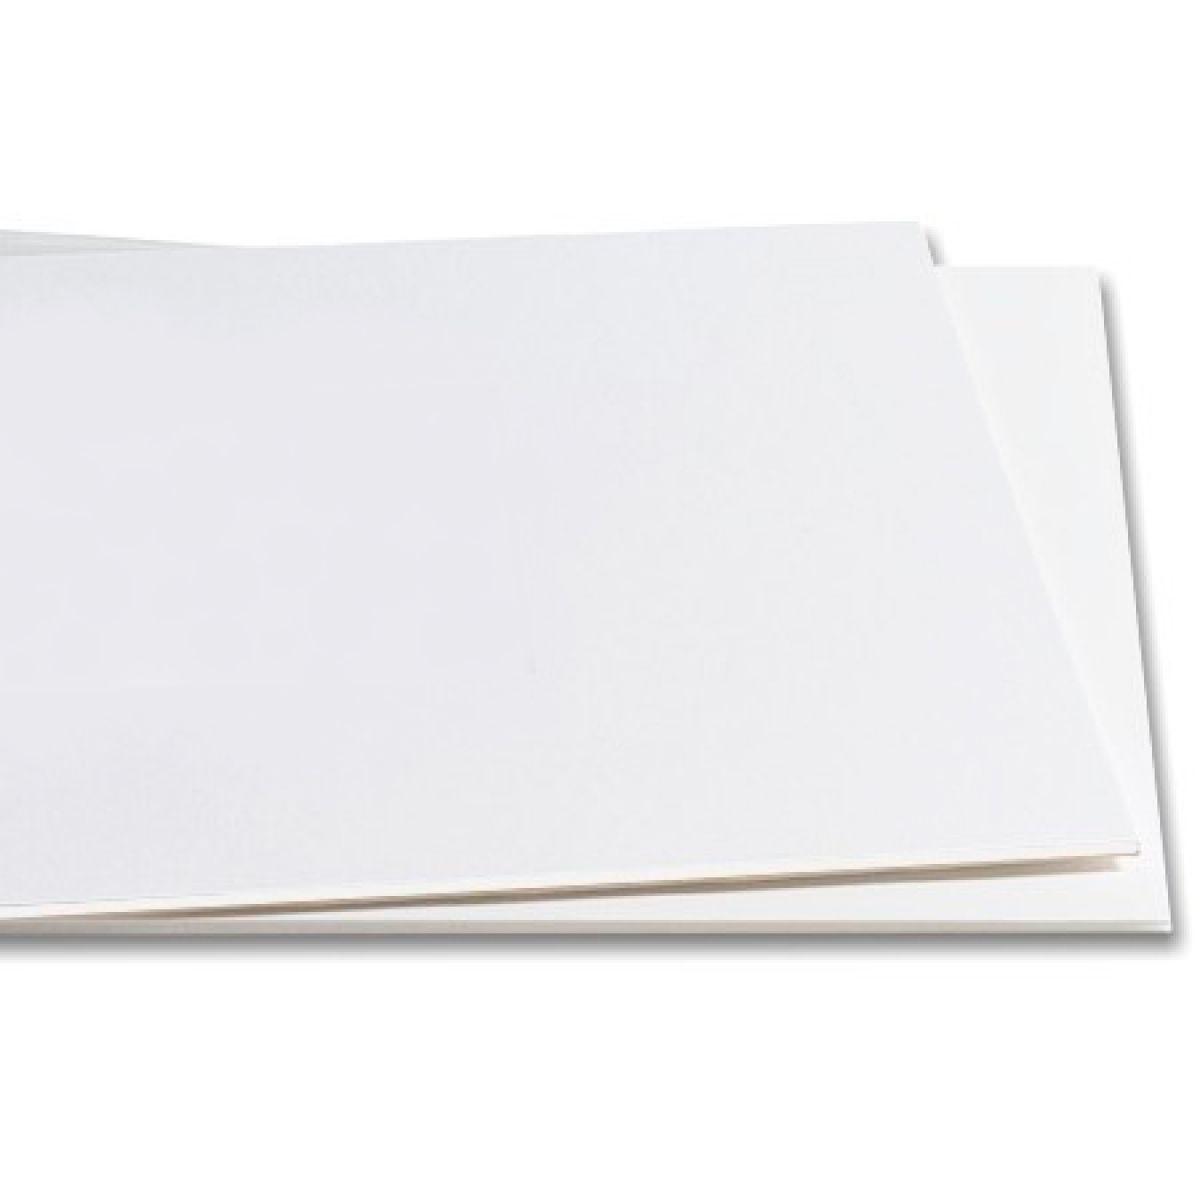 Papel Couche Brilho 150g A3 Embalagem Com 100 Folhas Phandora